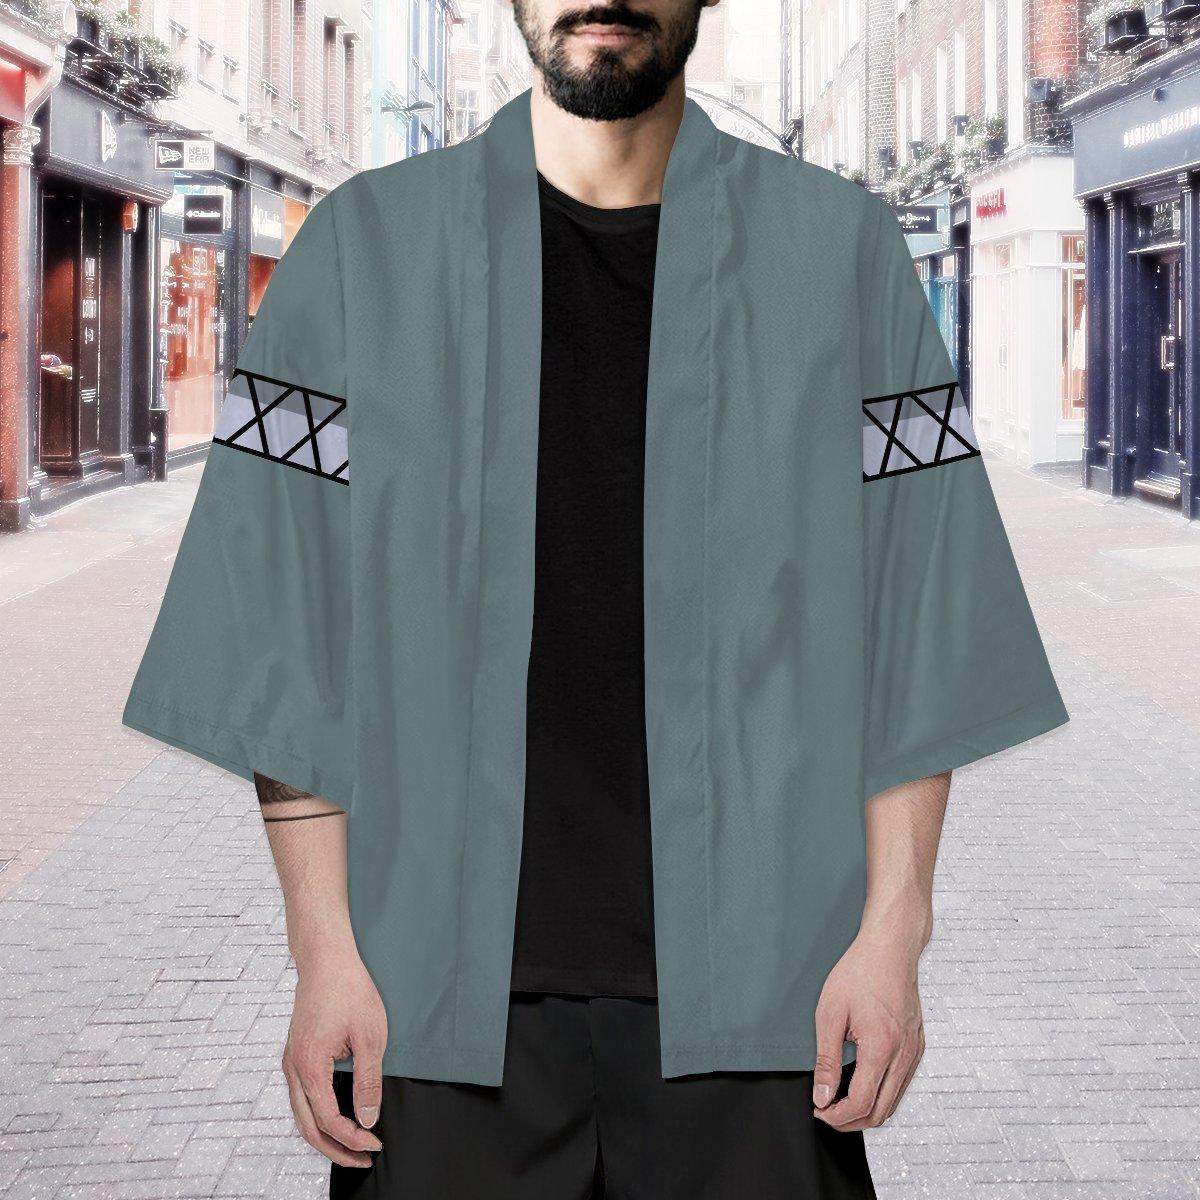 toman mikey kimono 840087 - Otaku Treat